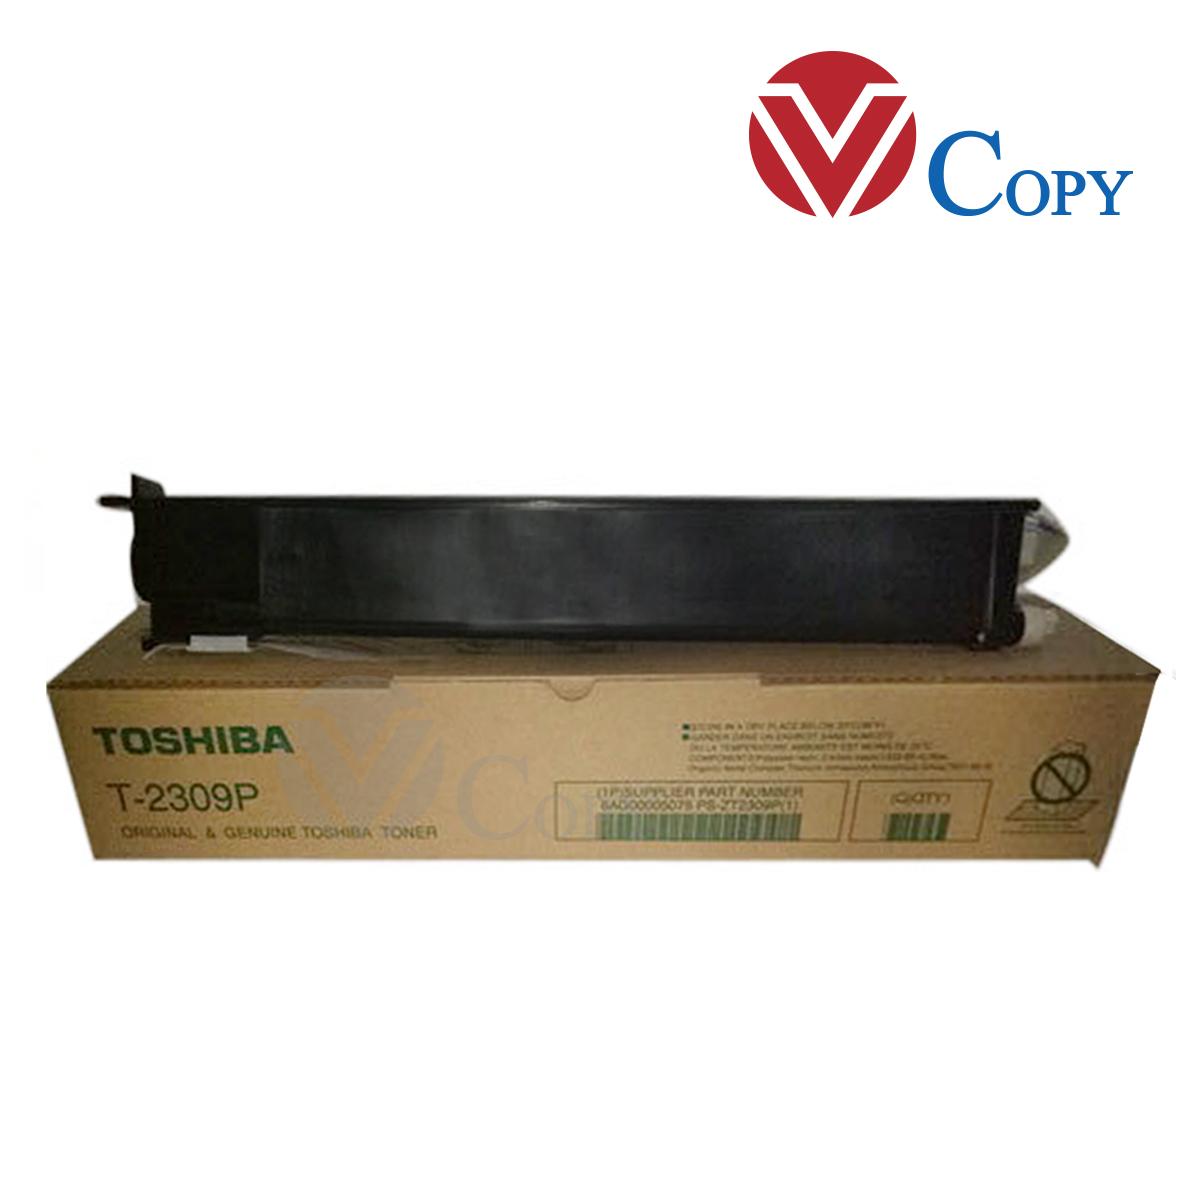 Mực Thương hiệu dùng cho máy photocopy Toshiba 2303A /2803/2309/2809 _ T-2309P _Trọng lượng 250g